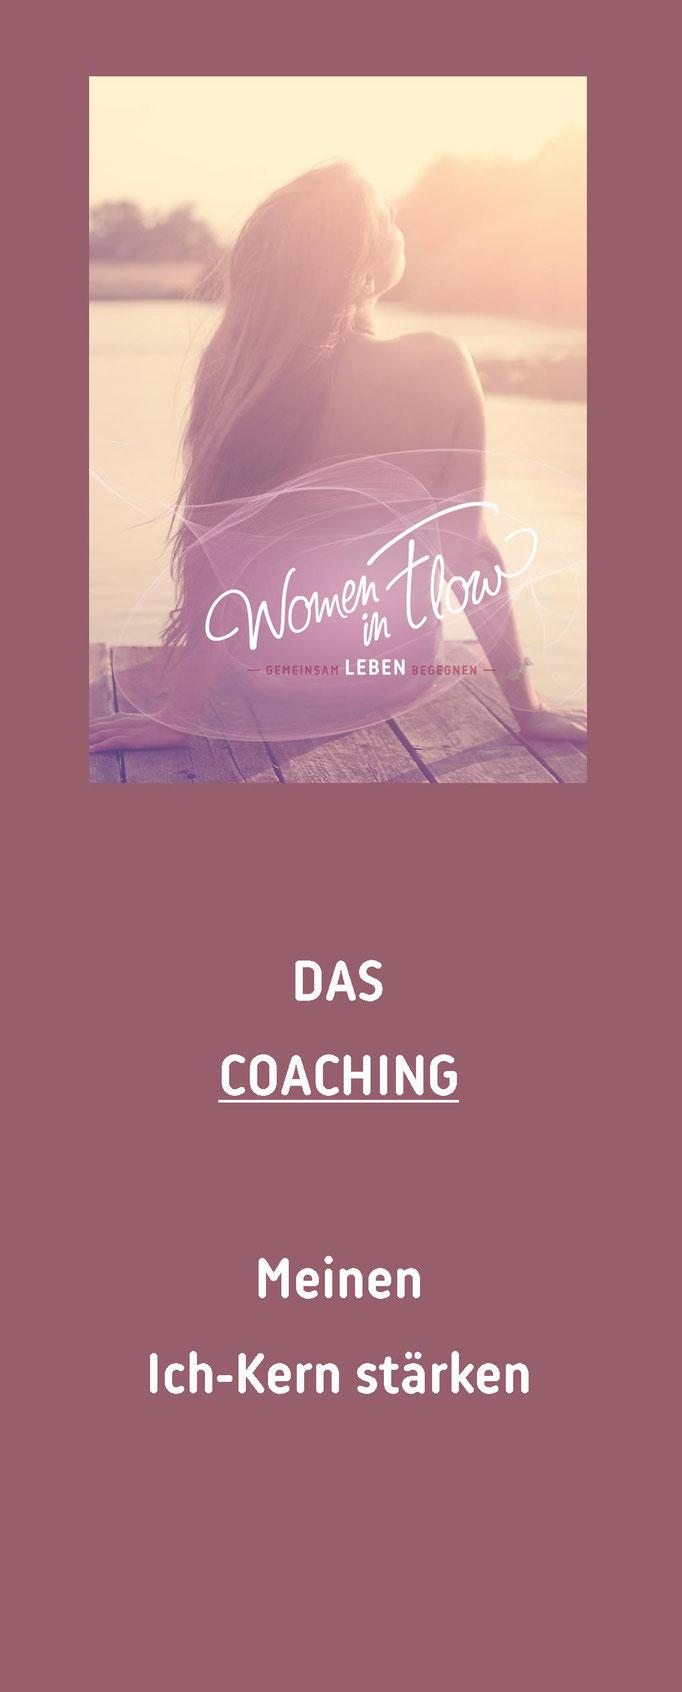 Seminar Frau; Marke Ich; Female Leadership; Ich fühle mich alleine; im Flow sein; Frei sein; Frauenseminare; Rolle Frau; Frauennetzwerk; Female Pleasure; Flow steigern; weibliche Prinzip; Fehlende Wertschätzung;  Women in Business; Chancengleichheit;